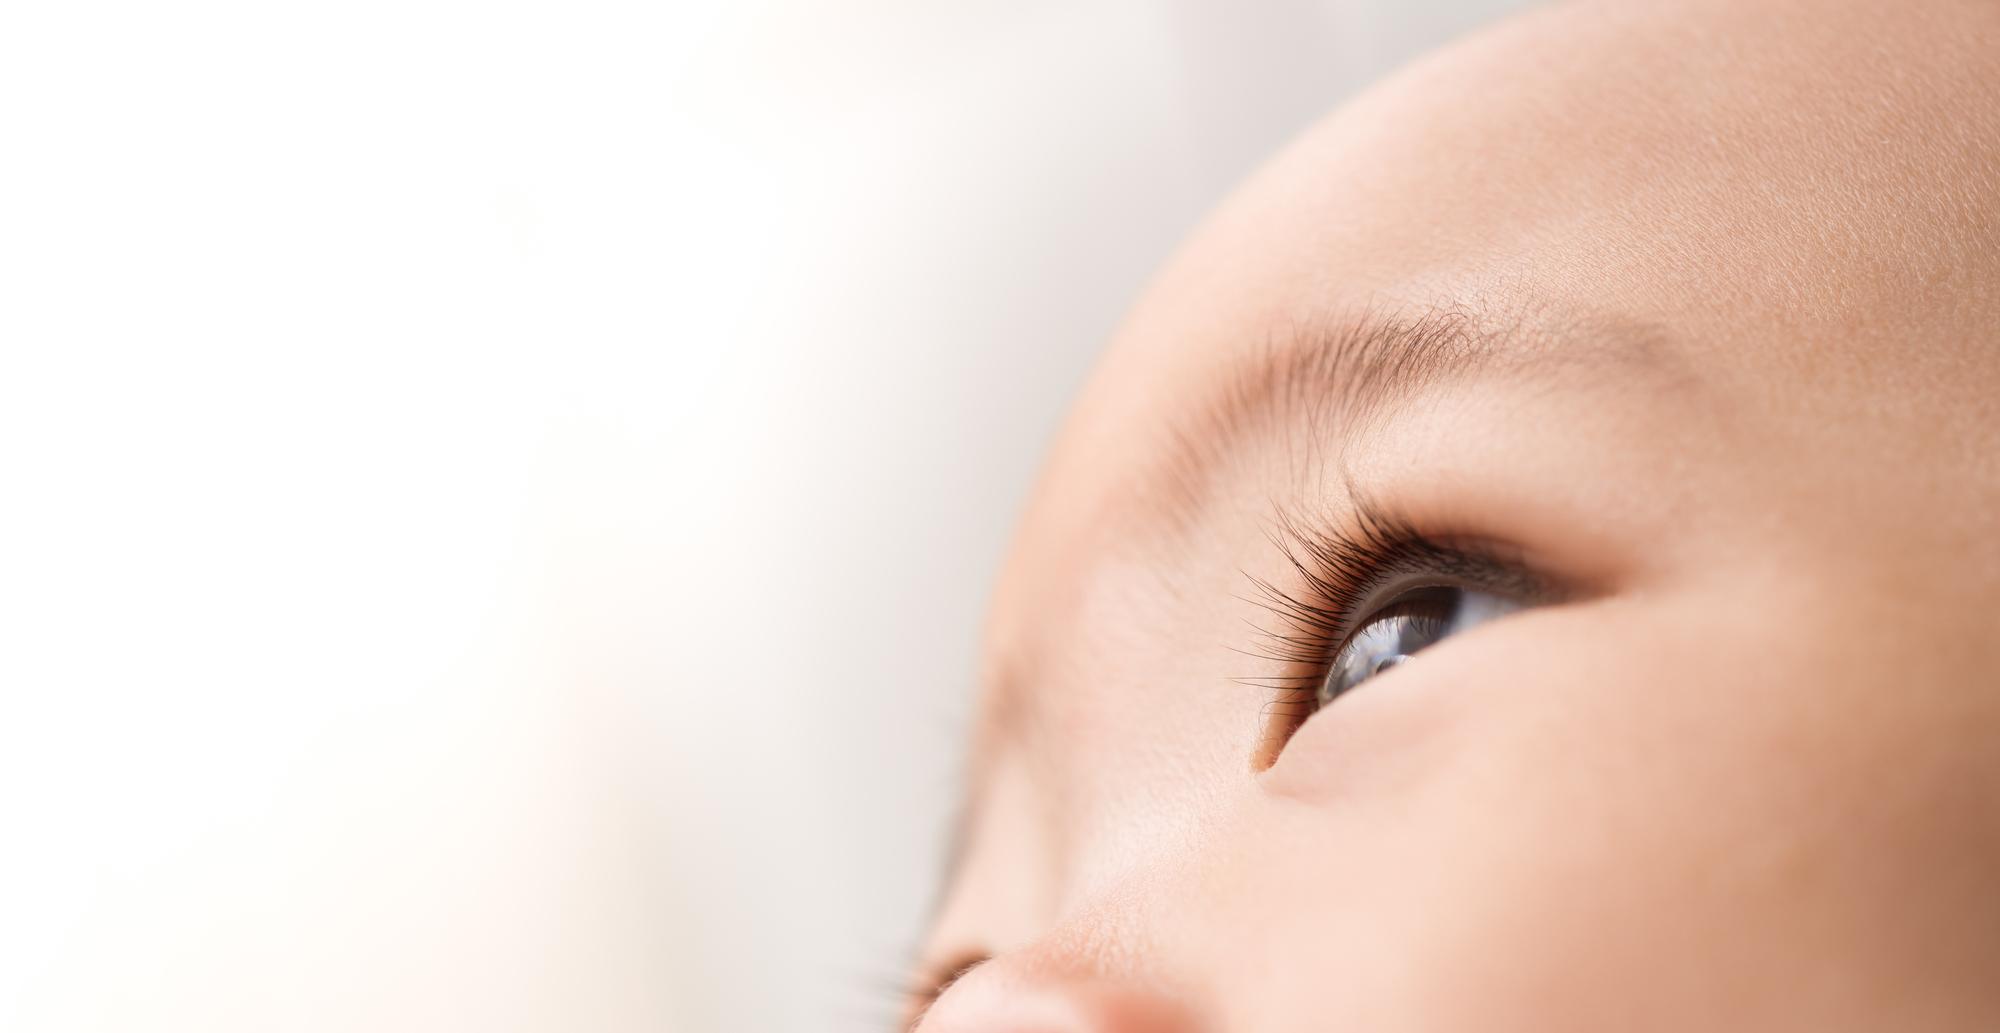 newborn baby eye mucus